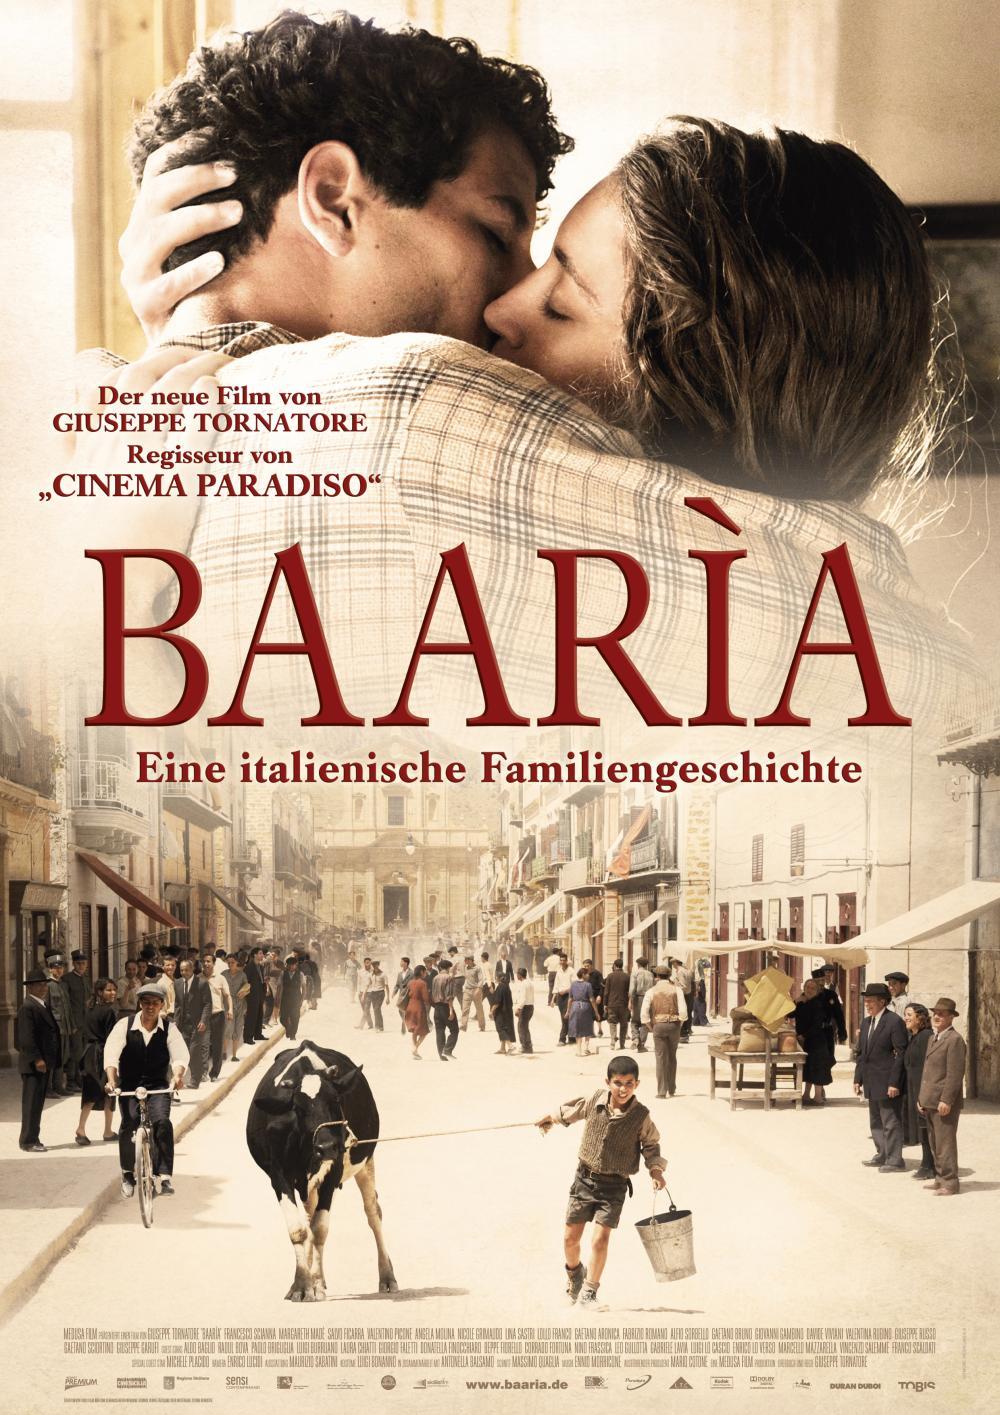 Baaria Film